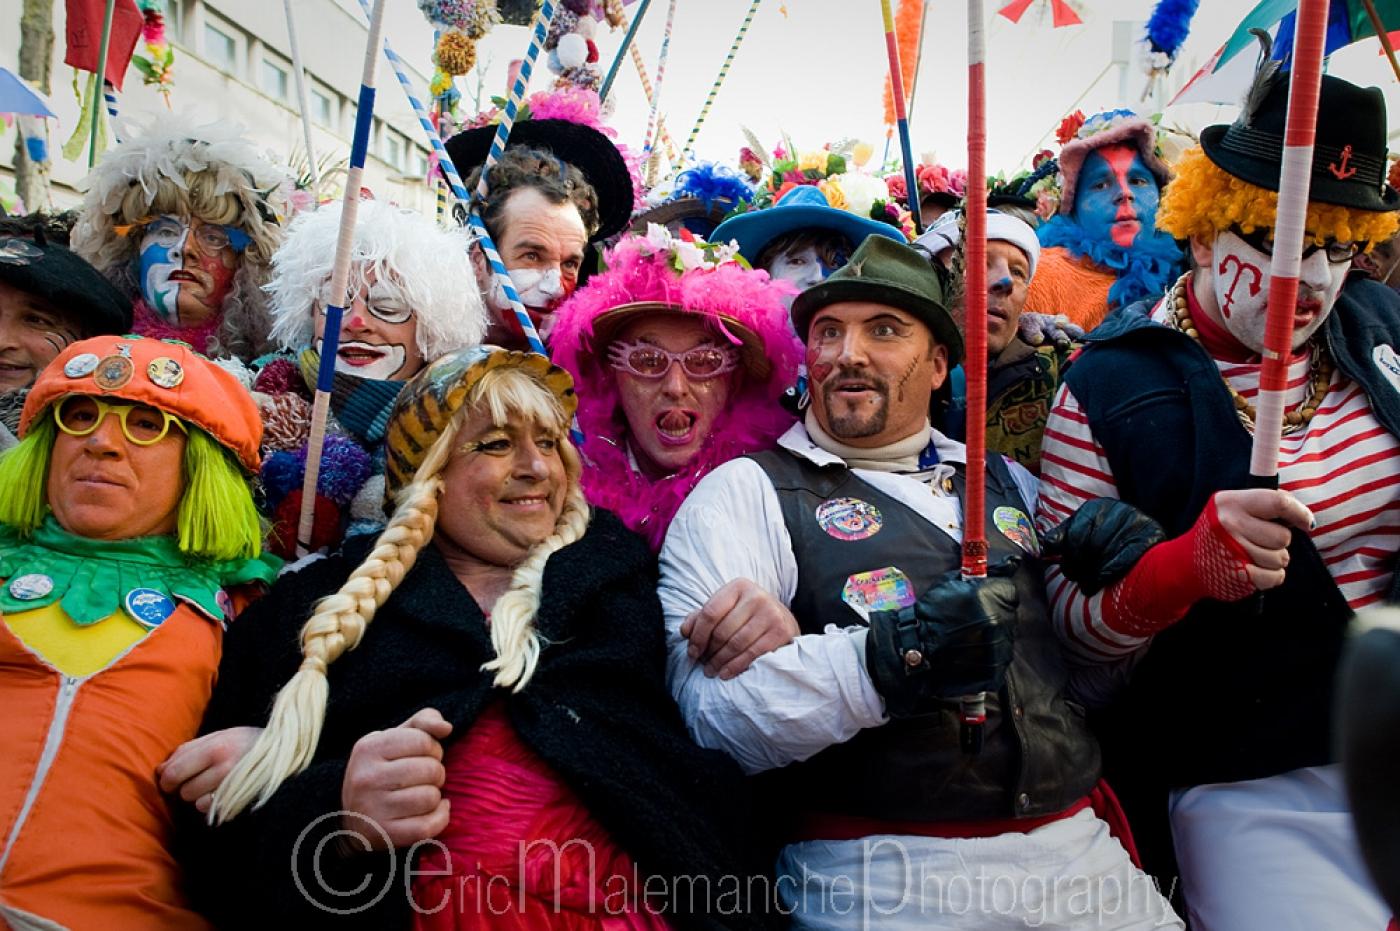 http://www.ericmalemanche.com/imagess/topics/carnaval-de-dunkerque/liste/Carnaval-Dunkerque-1449.jpg